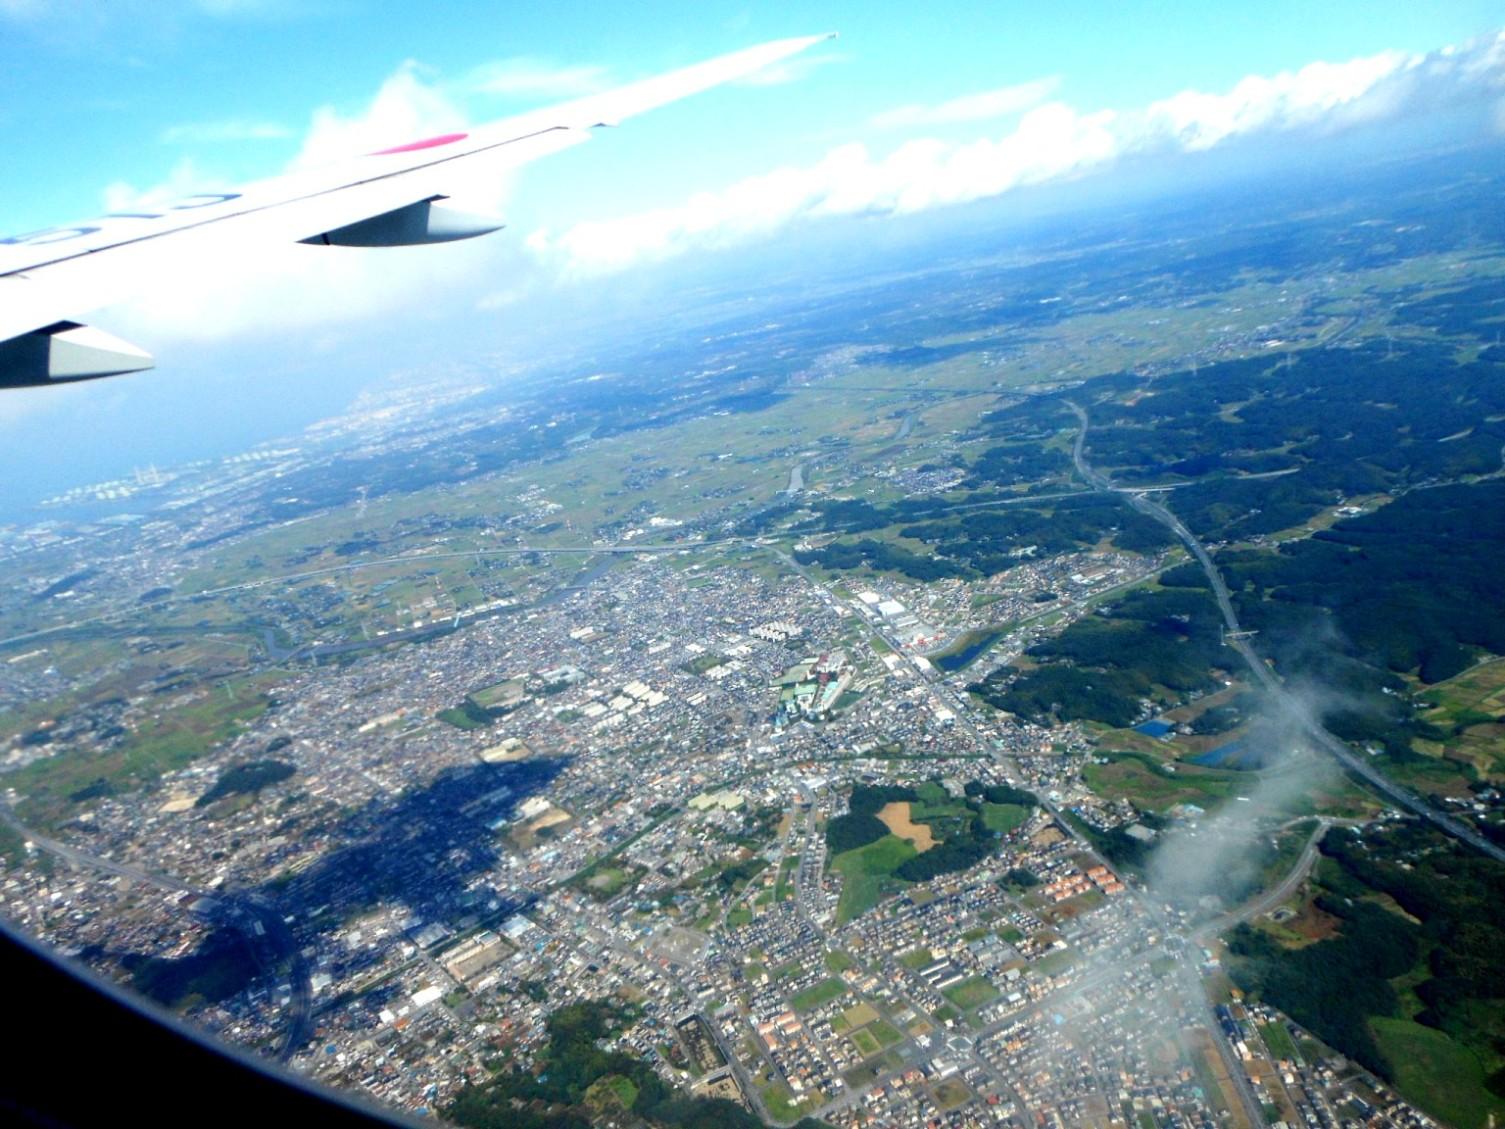 1823) ①「金沢3泊4日旅行 『飛行機からの眺め』」_f0126829_912692.jpg